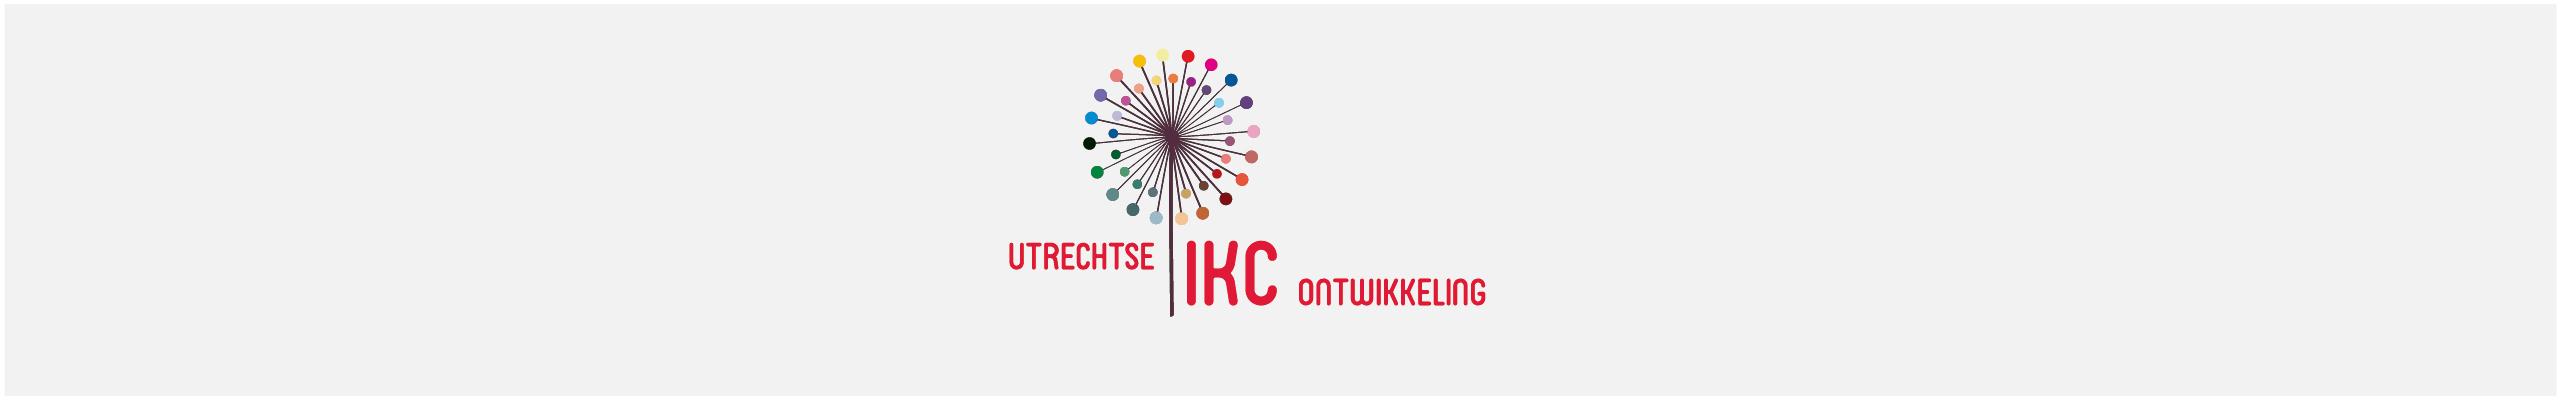 Utrechtse IKC_Web